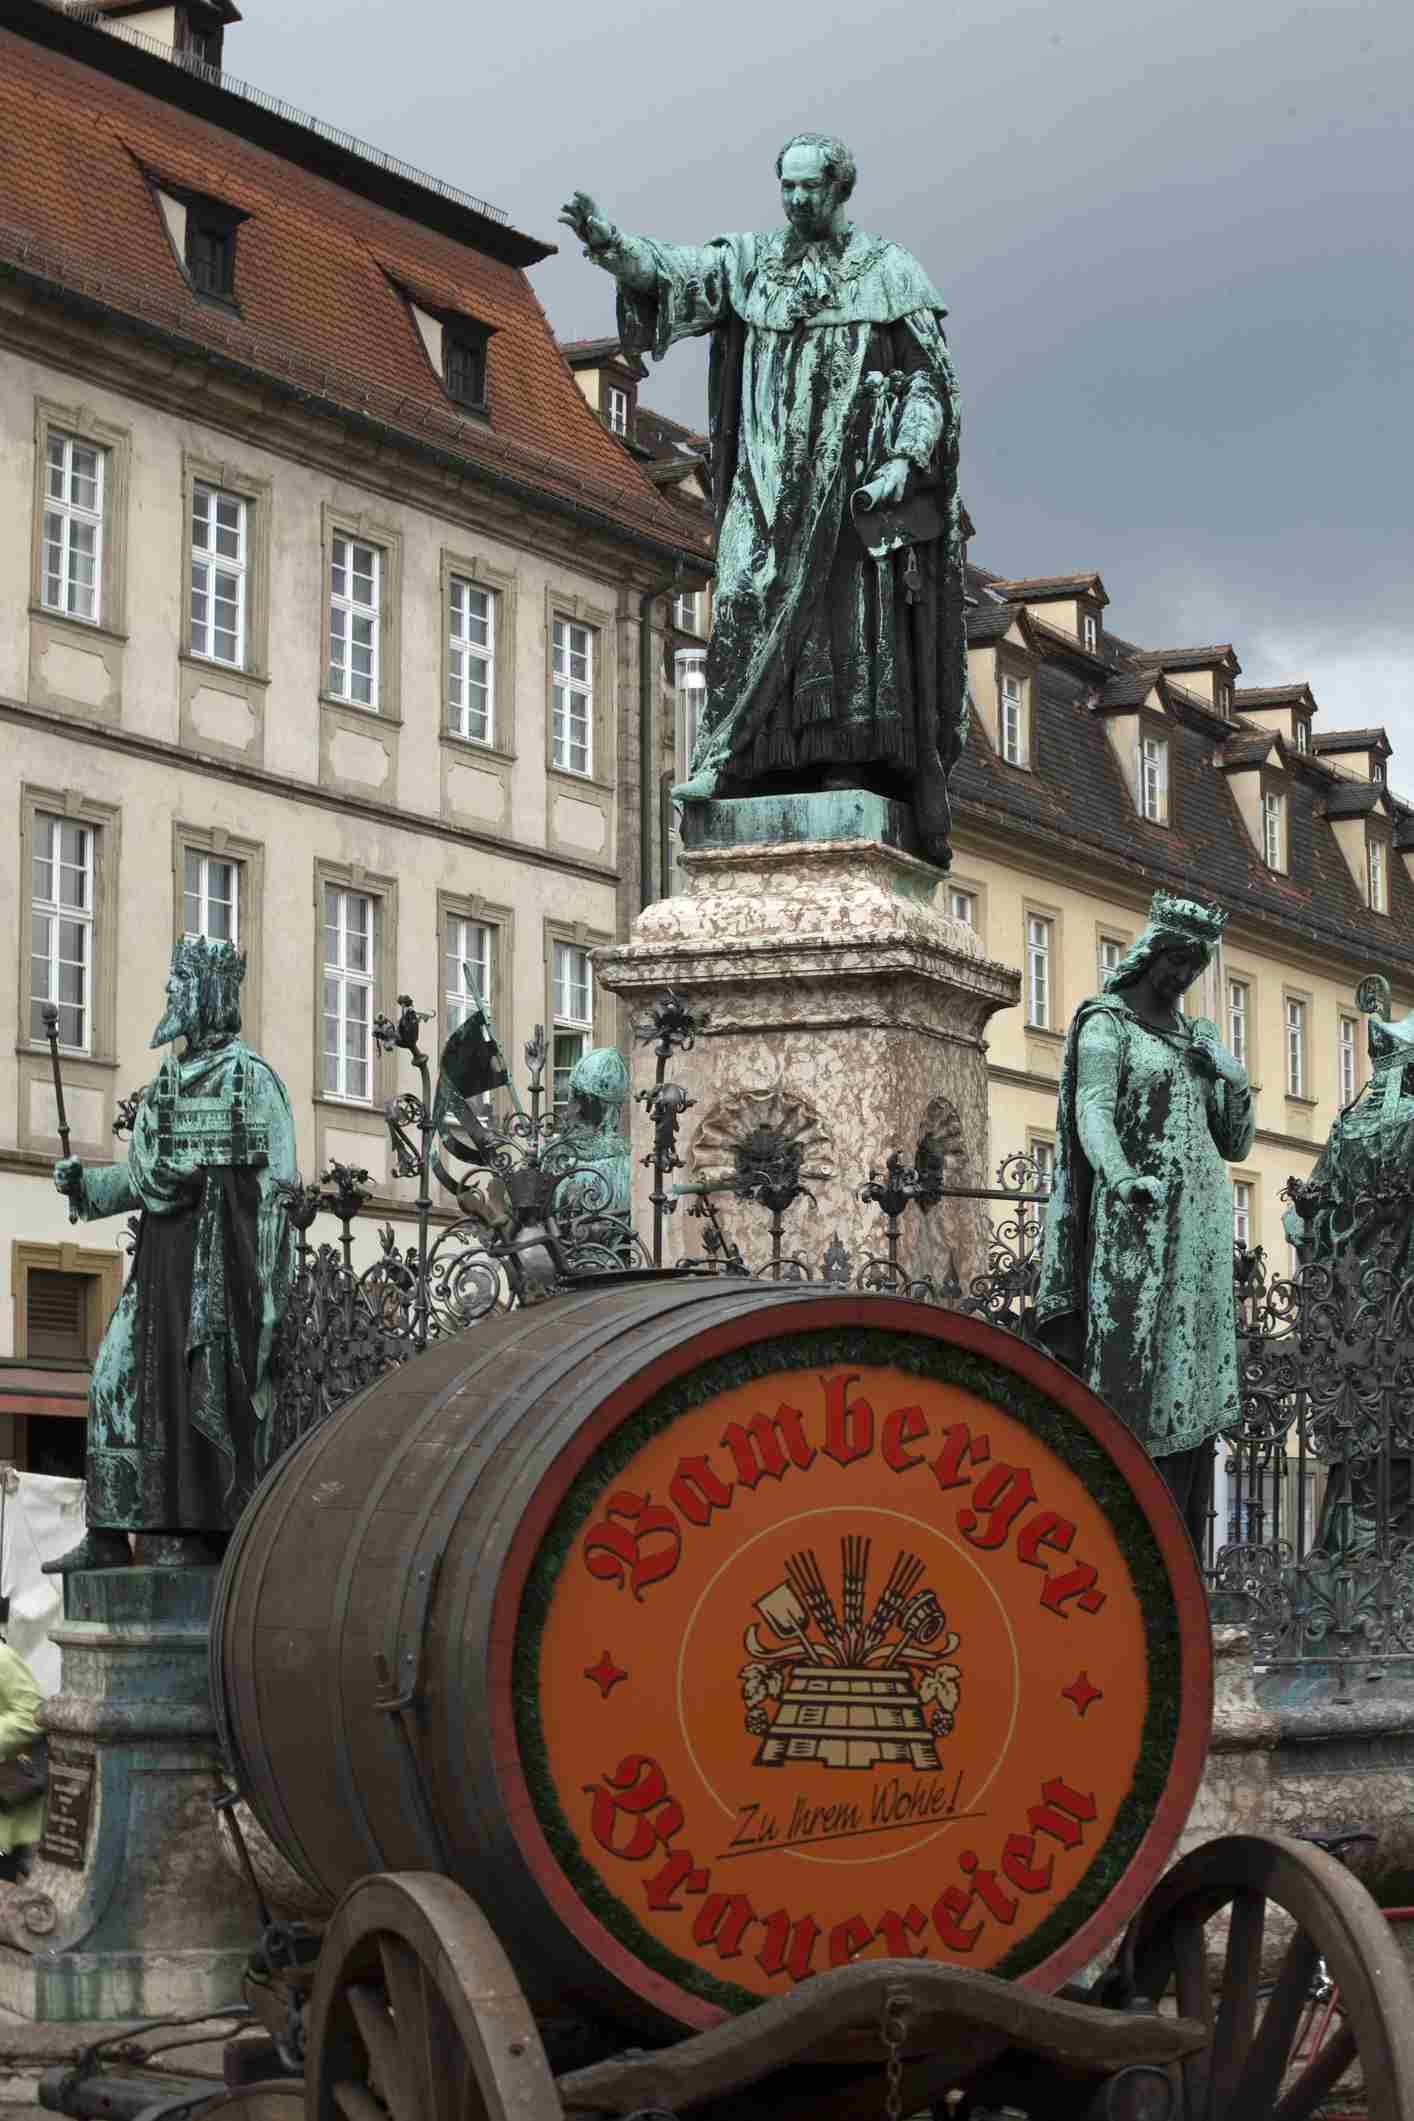 Bamberg beer barrel for festival